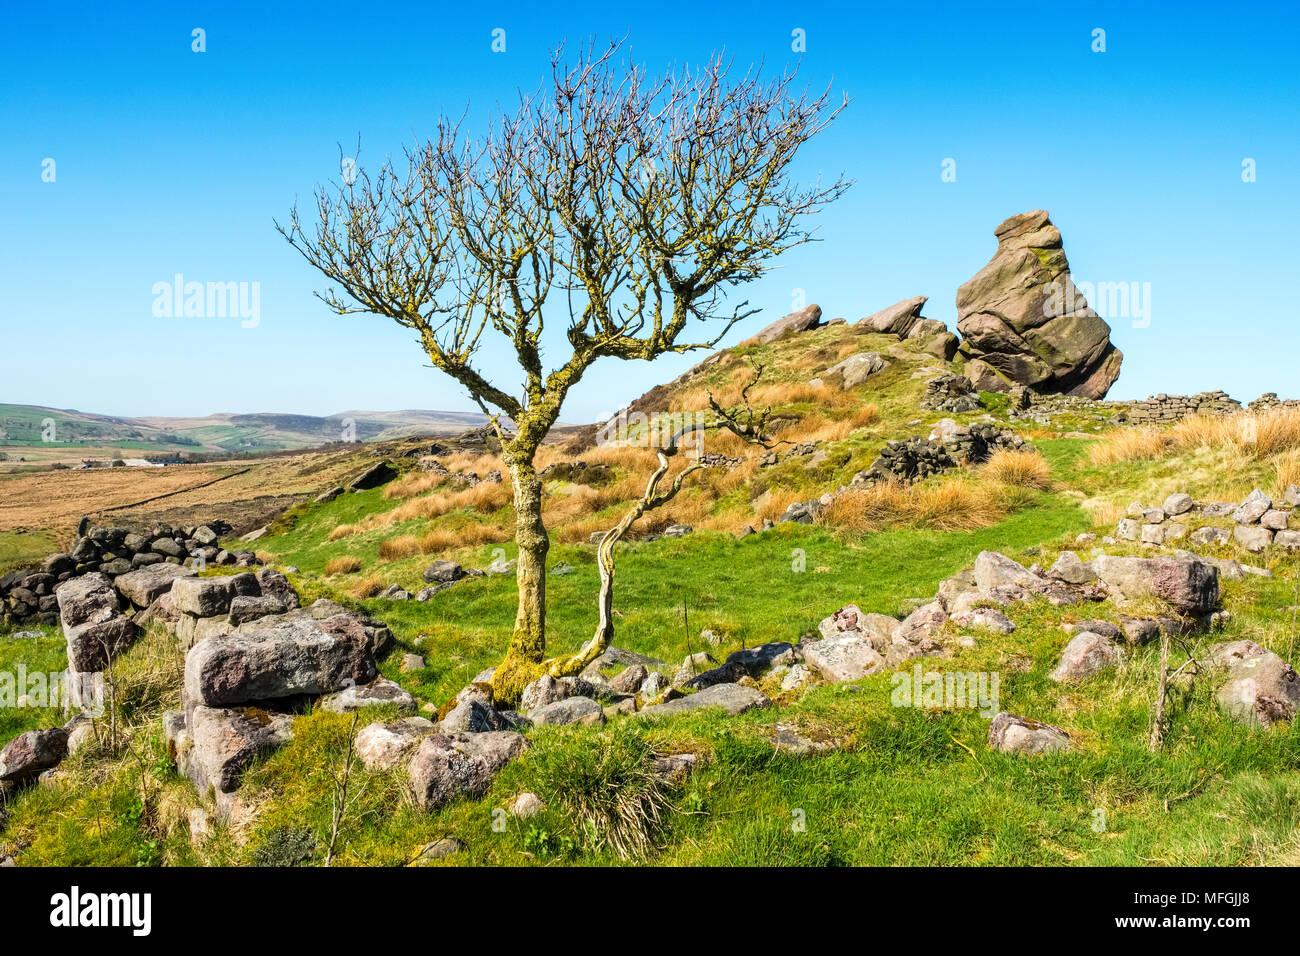 Baldstones Pinnacle, Staffordshire Moorlands, Peak District National Park - Stock Image